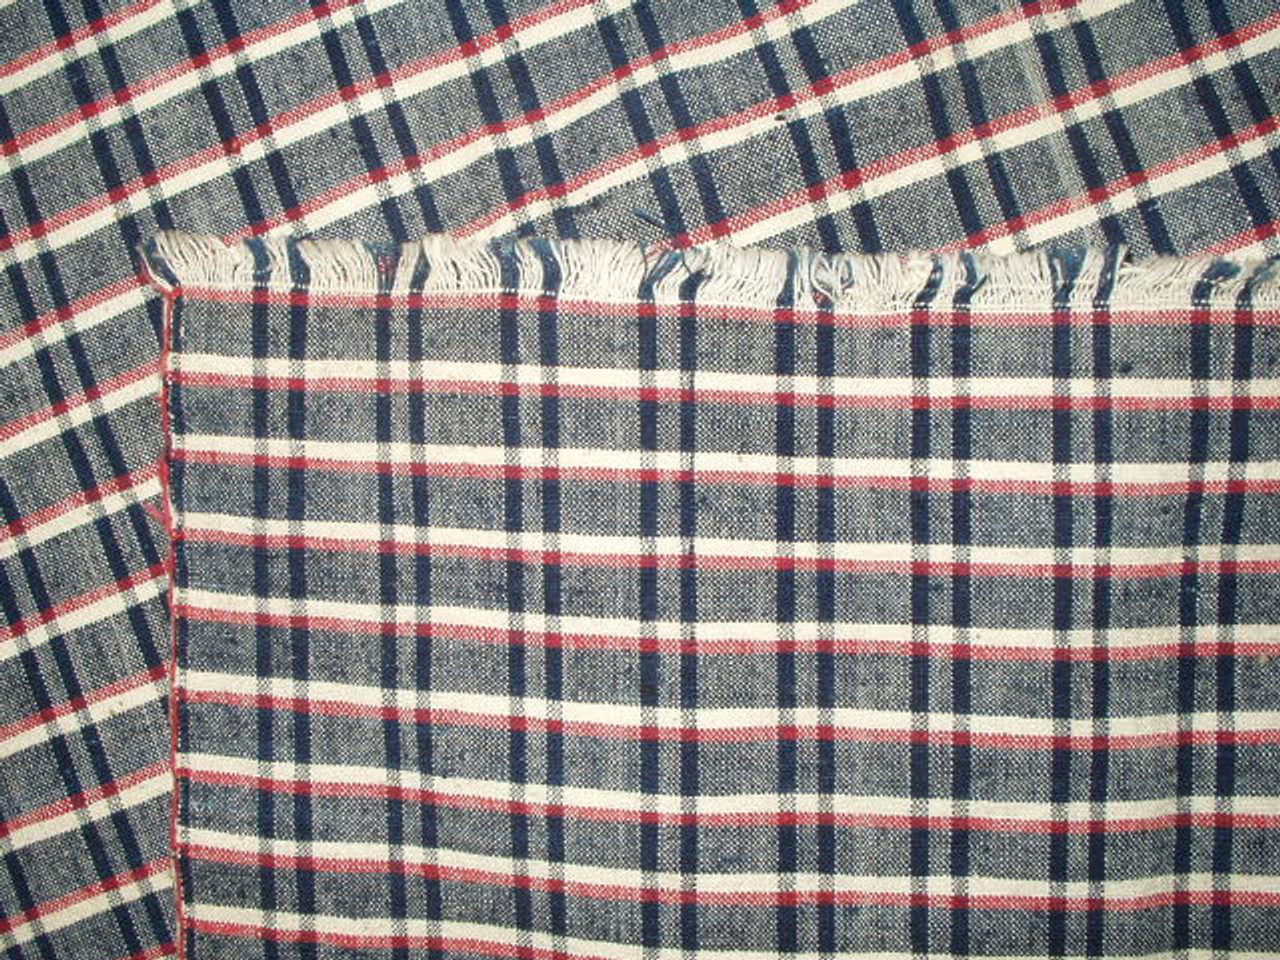 Linen Homespun Red White Blue Check 1900 Table Runner